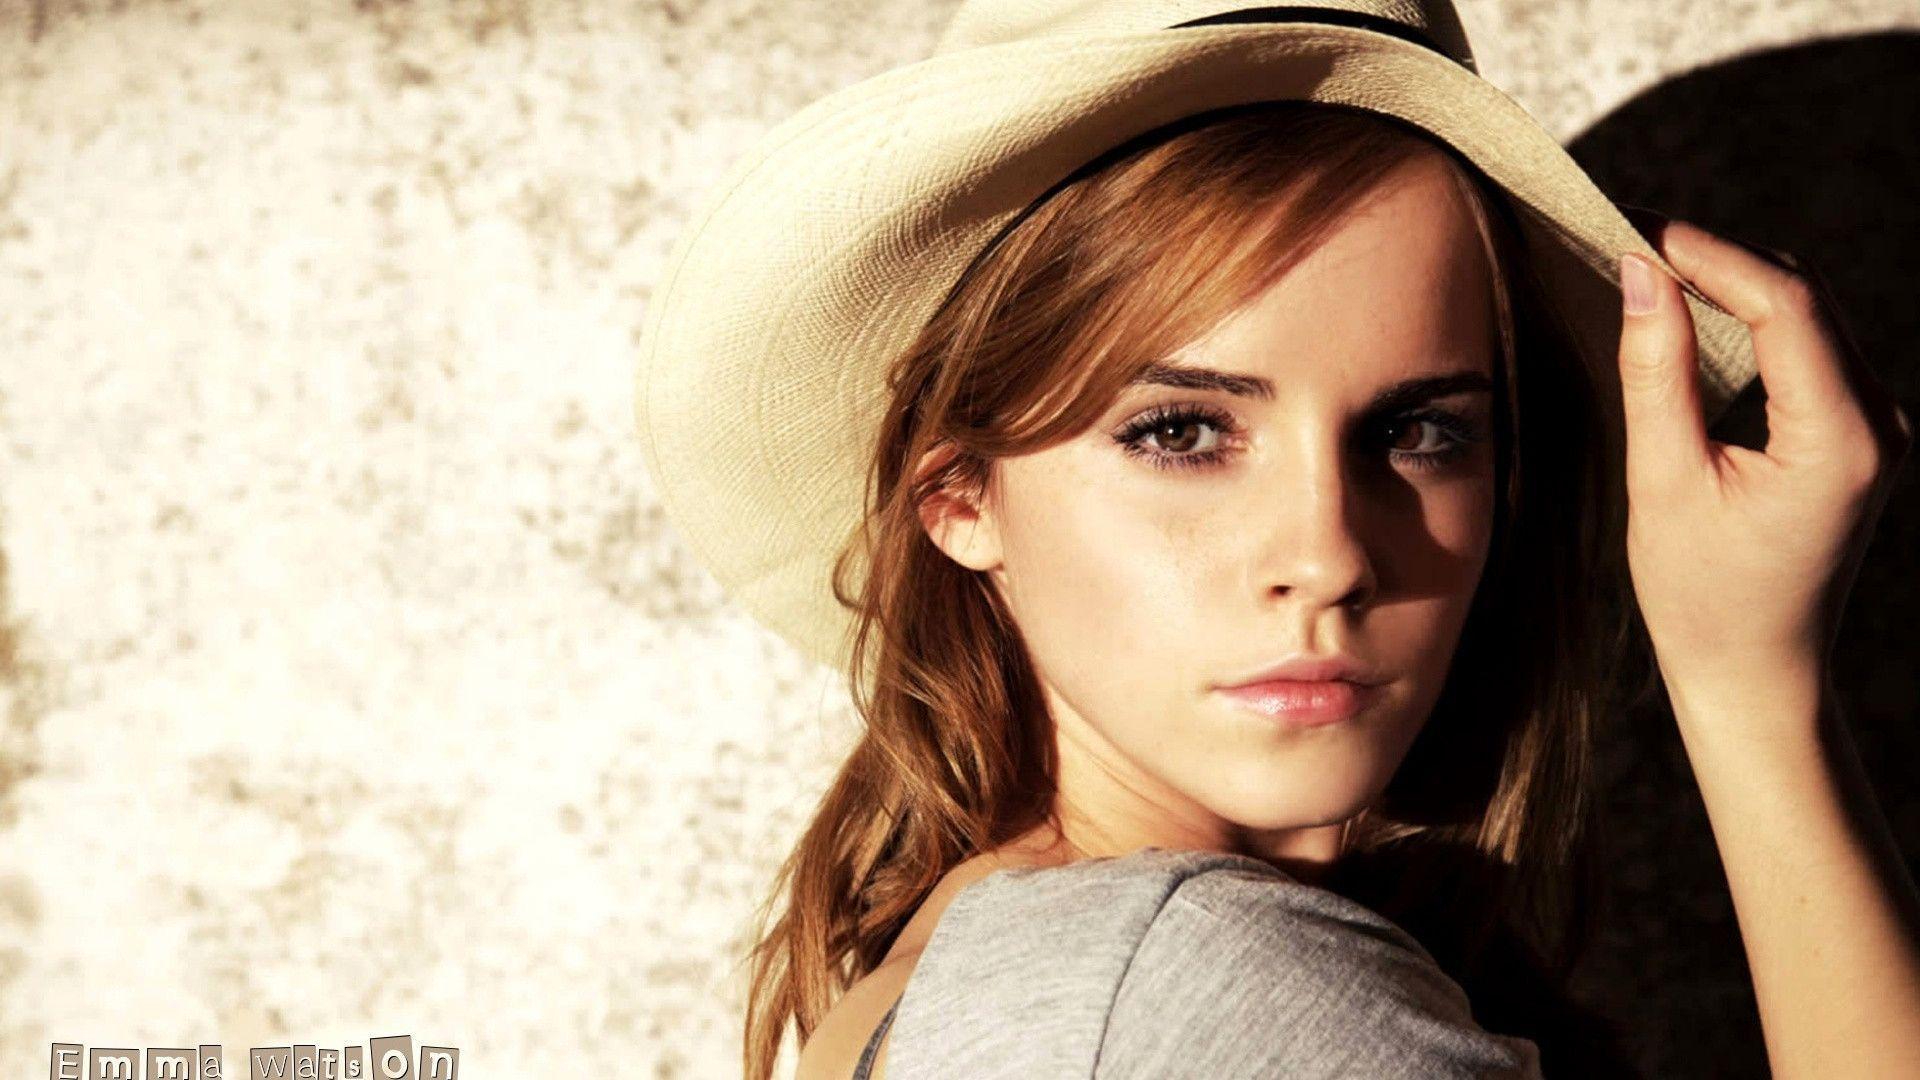 Emma Watson Wallpapers HD